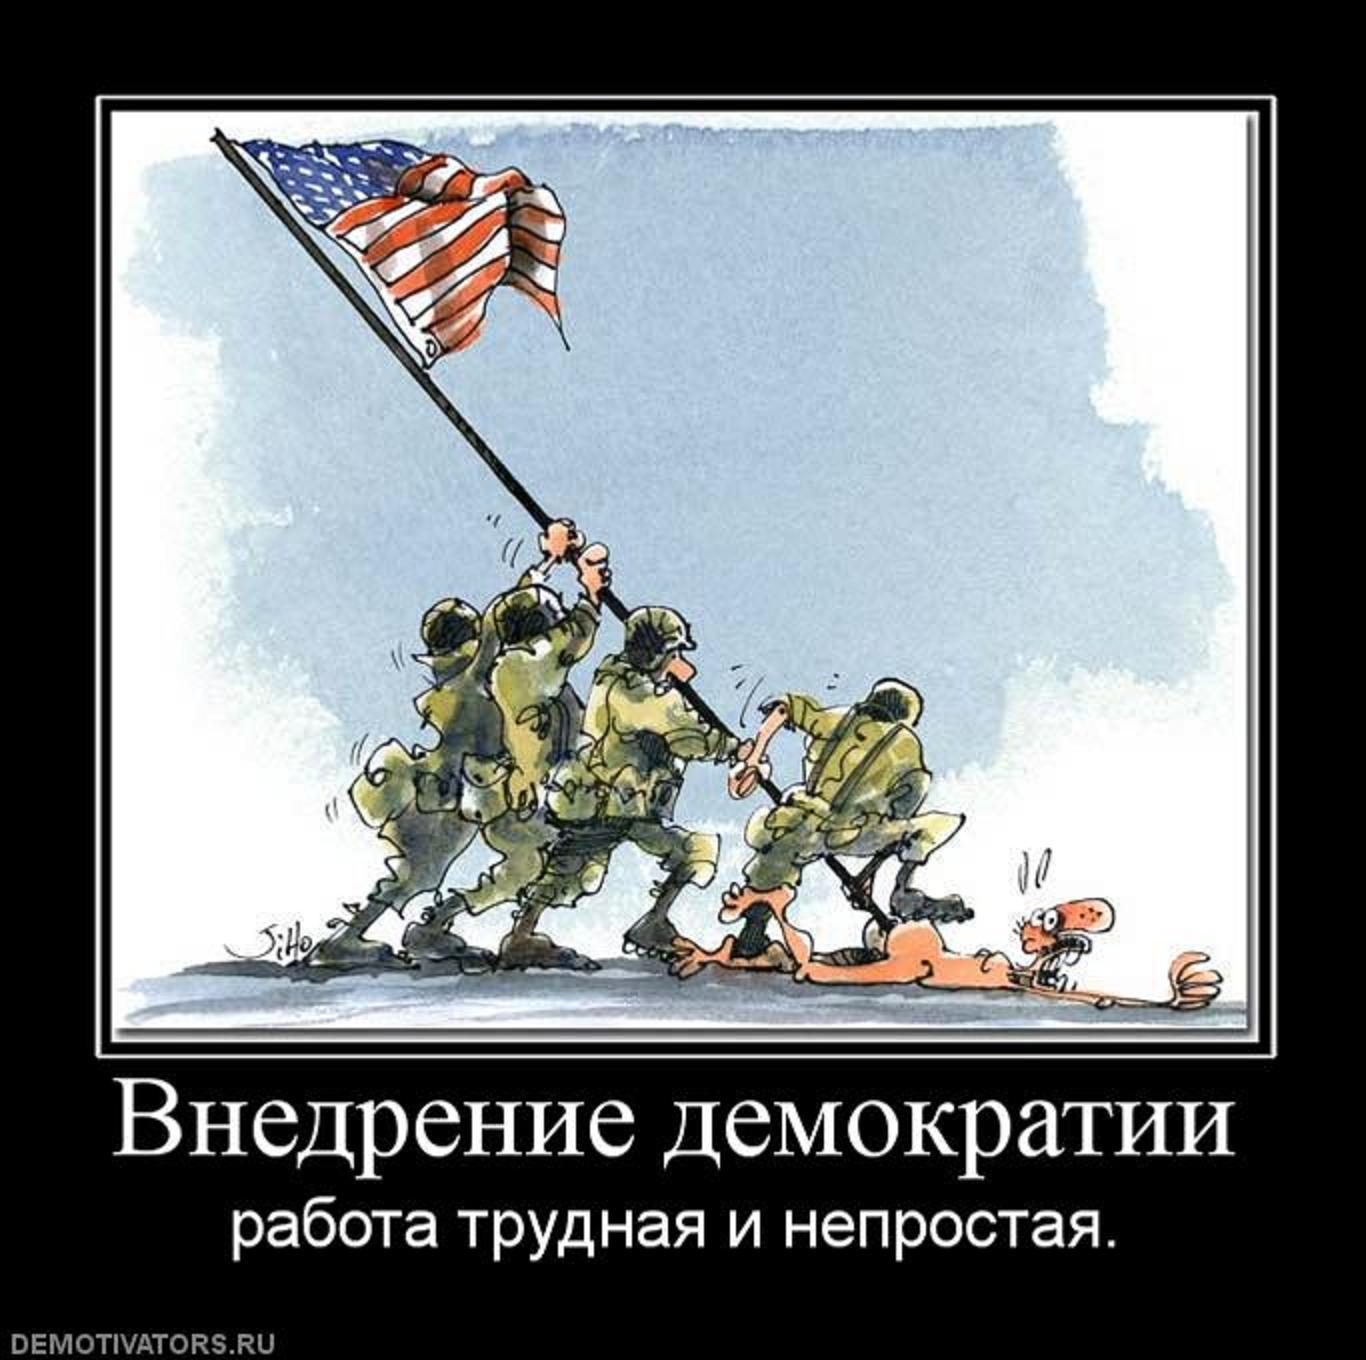 демократия в россии демотиватор торжество